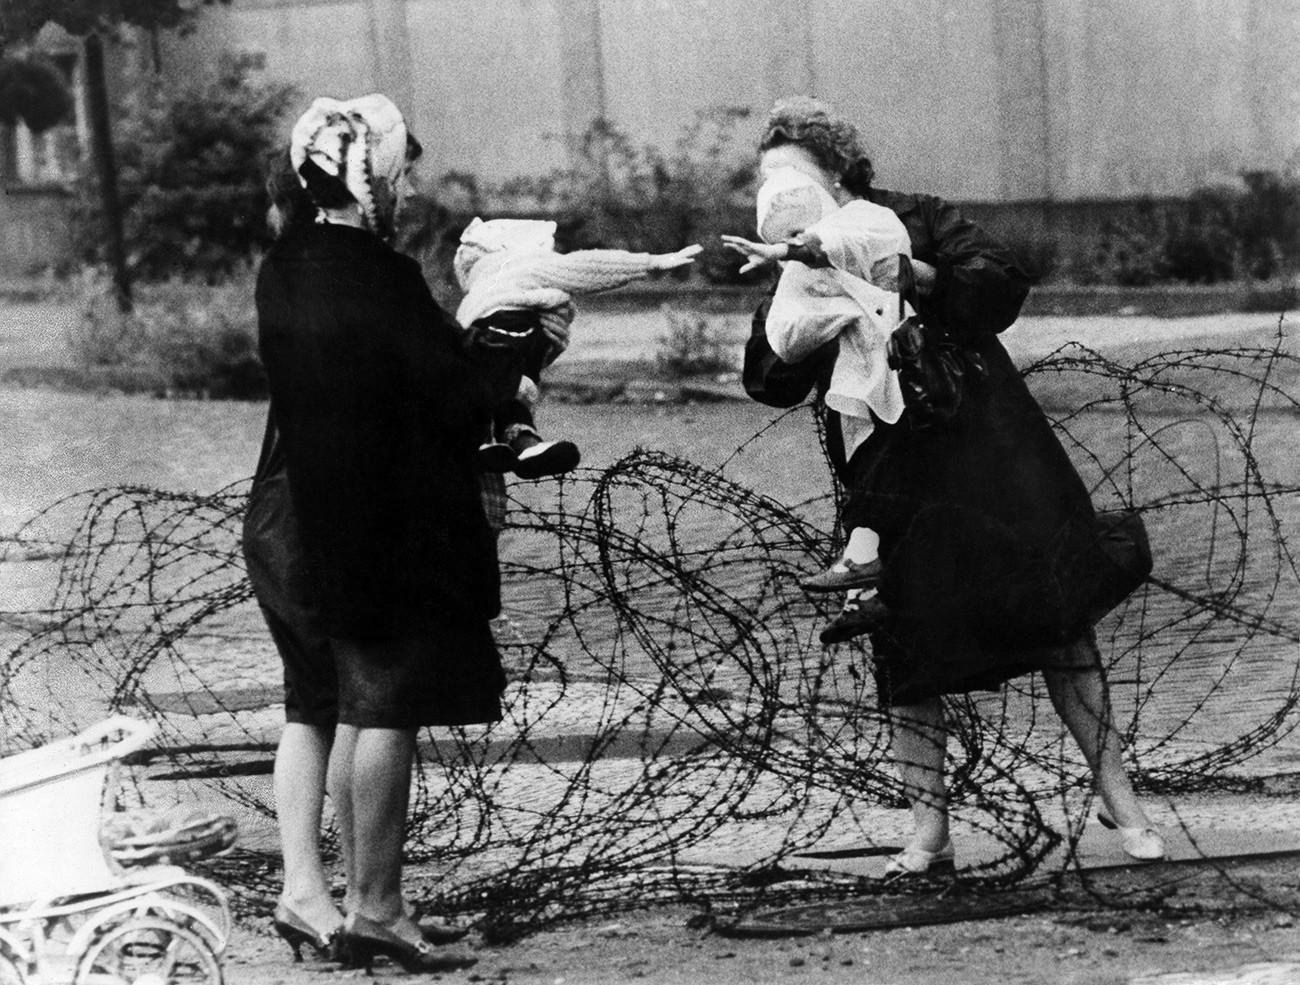 Источна Немачка. Изградња зида. Мајке са децом одвојене бодљикавом жицом. Берлин, август 1961.